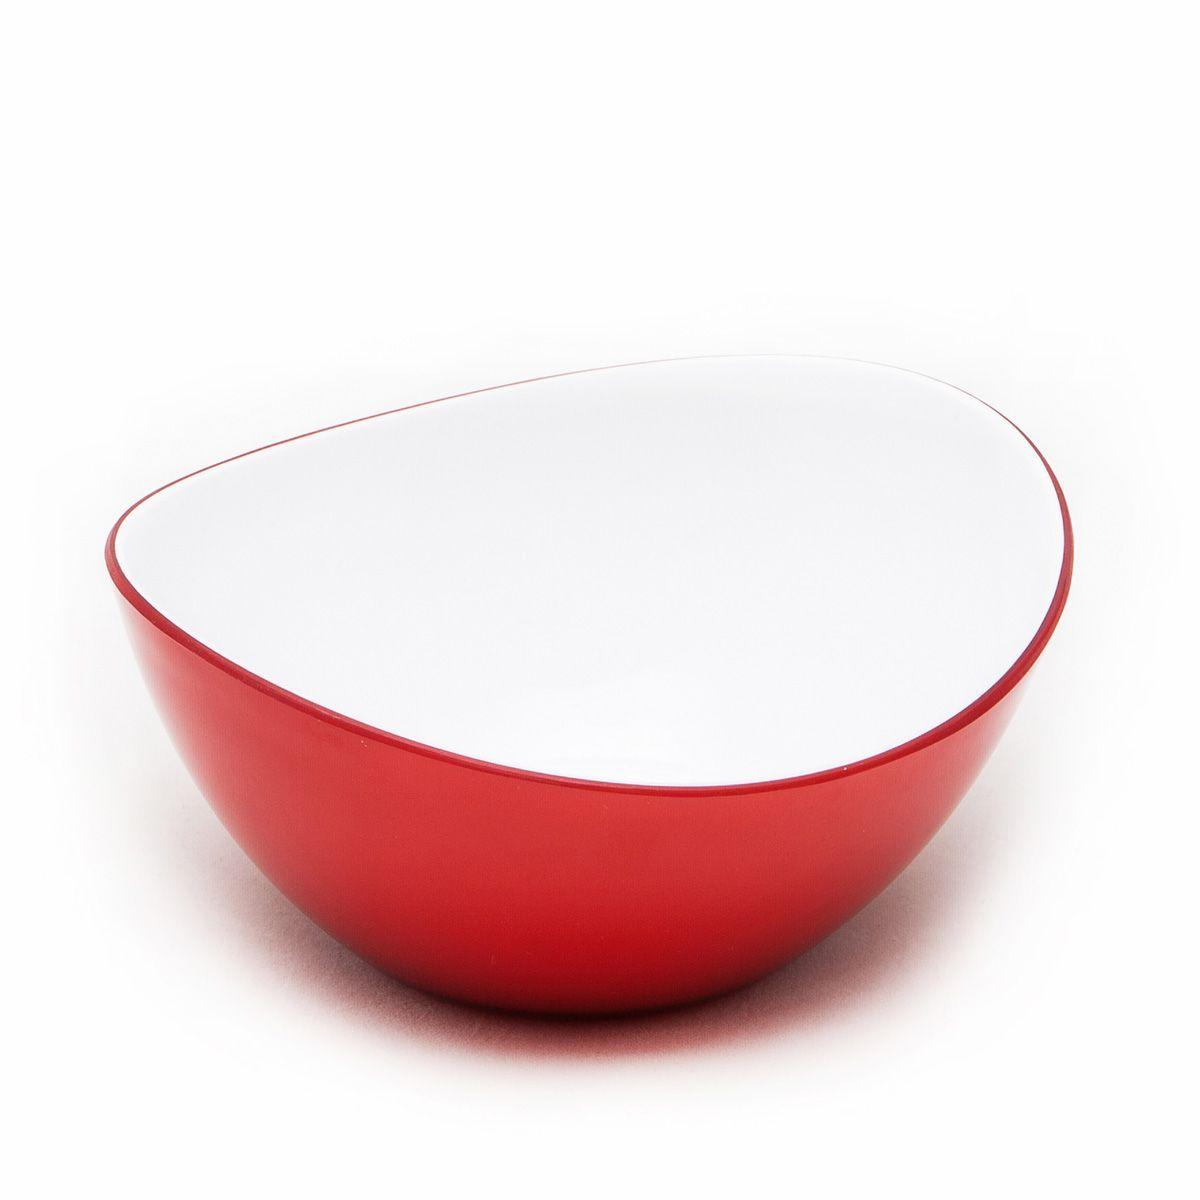 Миска MoulinVilla, цвет: красный, 16 х 14 х 6 смL-16RОригинальная миска Moulinvilla, изготовленная из высококачественного акрила, благодаряпривлекательному дизайну выполняет не только практичную, но и декоративную функцию. Белый цвет внутренней поверхности и cочный, интенсивный цвет снаружи отлично контрастируют, привлекая к себе внимание.Миска подойдет для сервировки салатов, фруктов, закусок, десертов, печенья, сладостей и других продуктов.Подходит для мытья в посудомоечной машине.